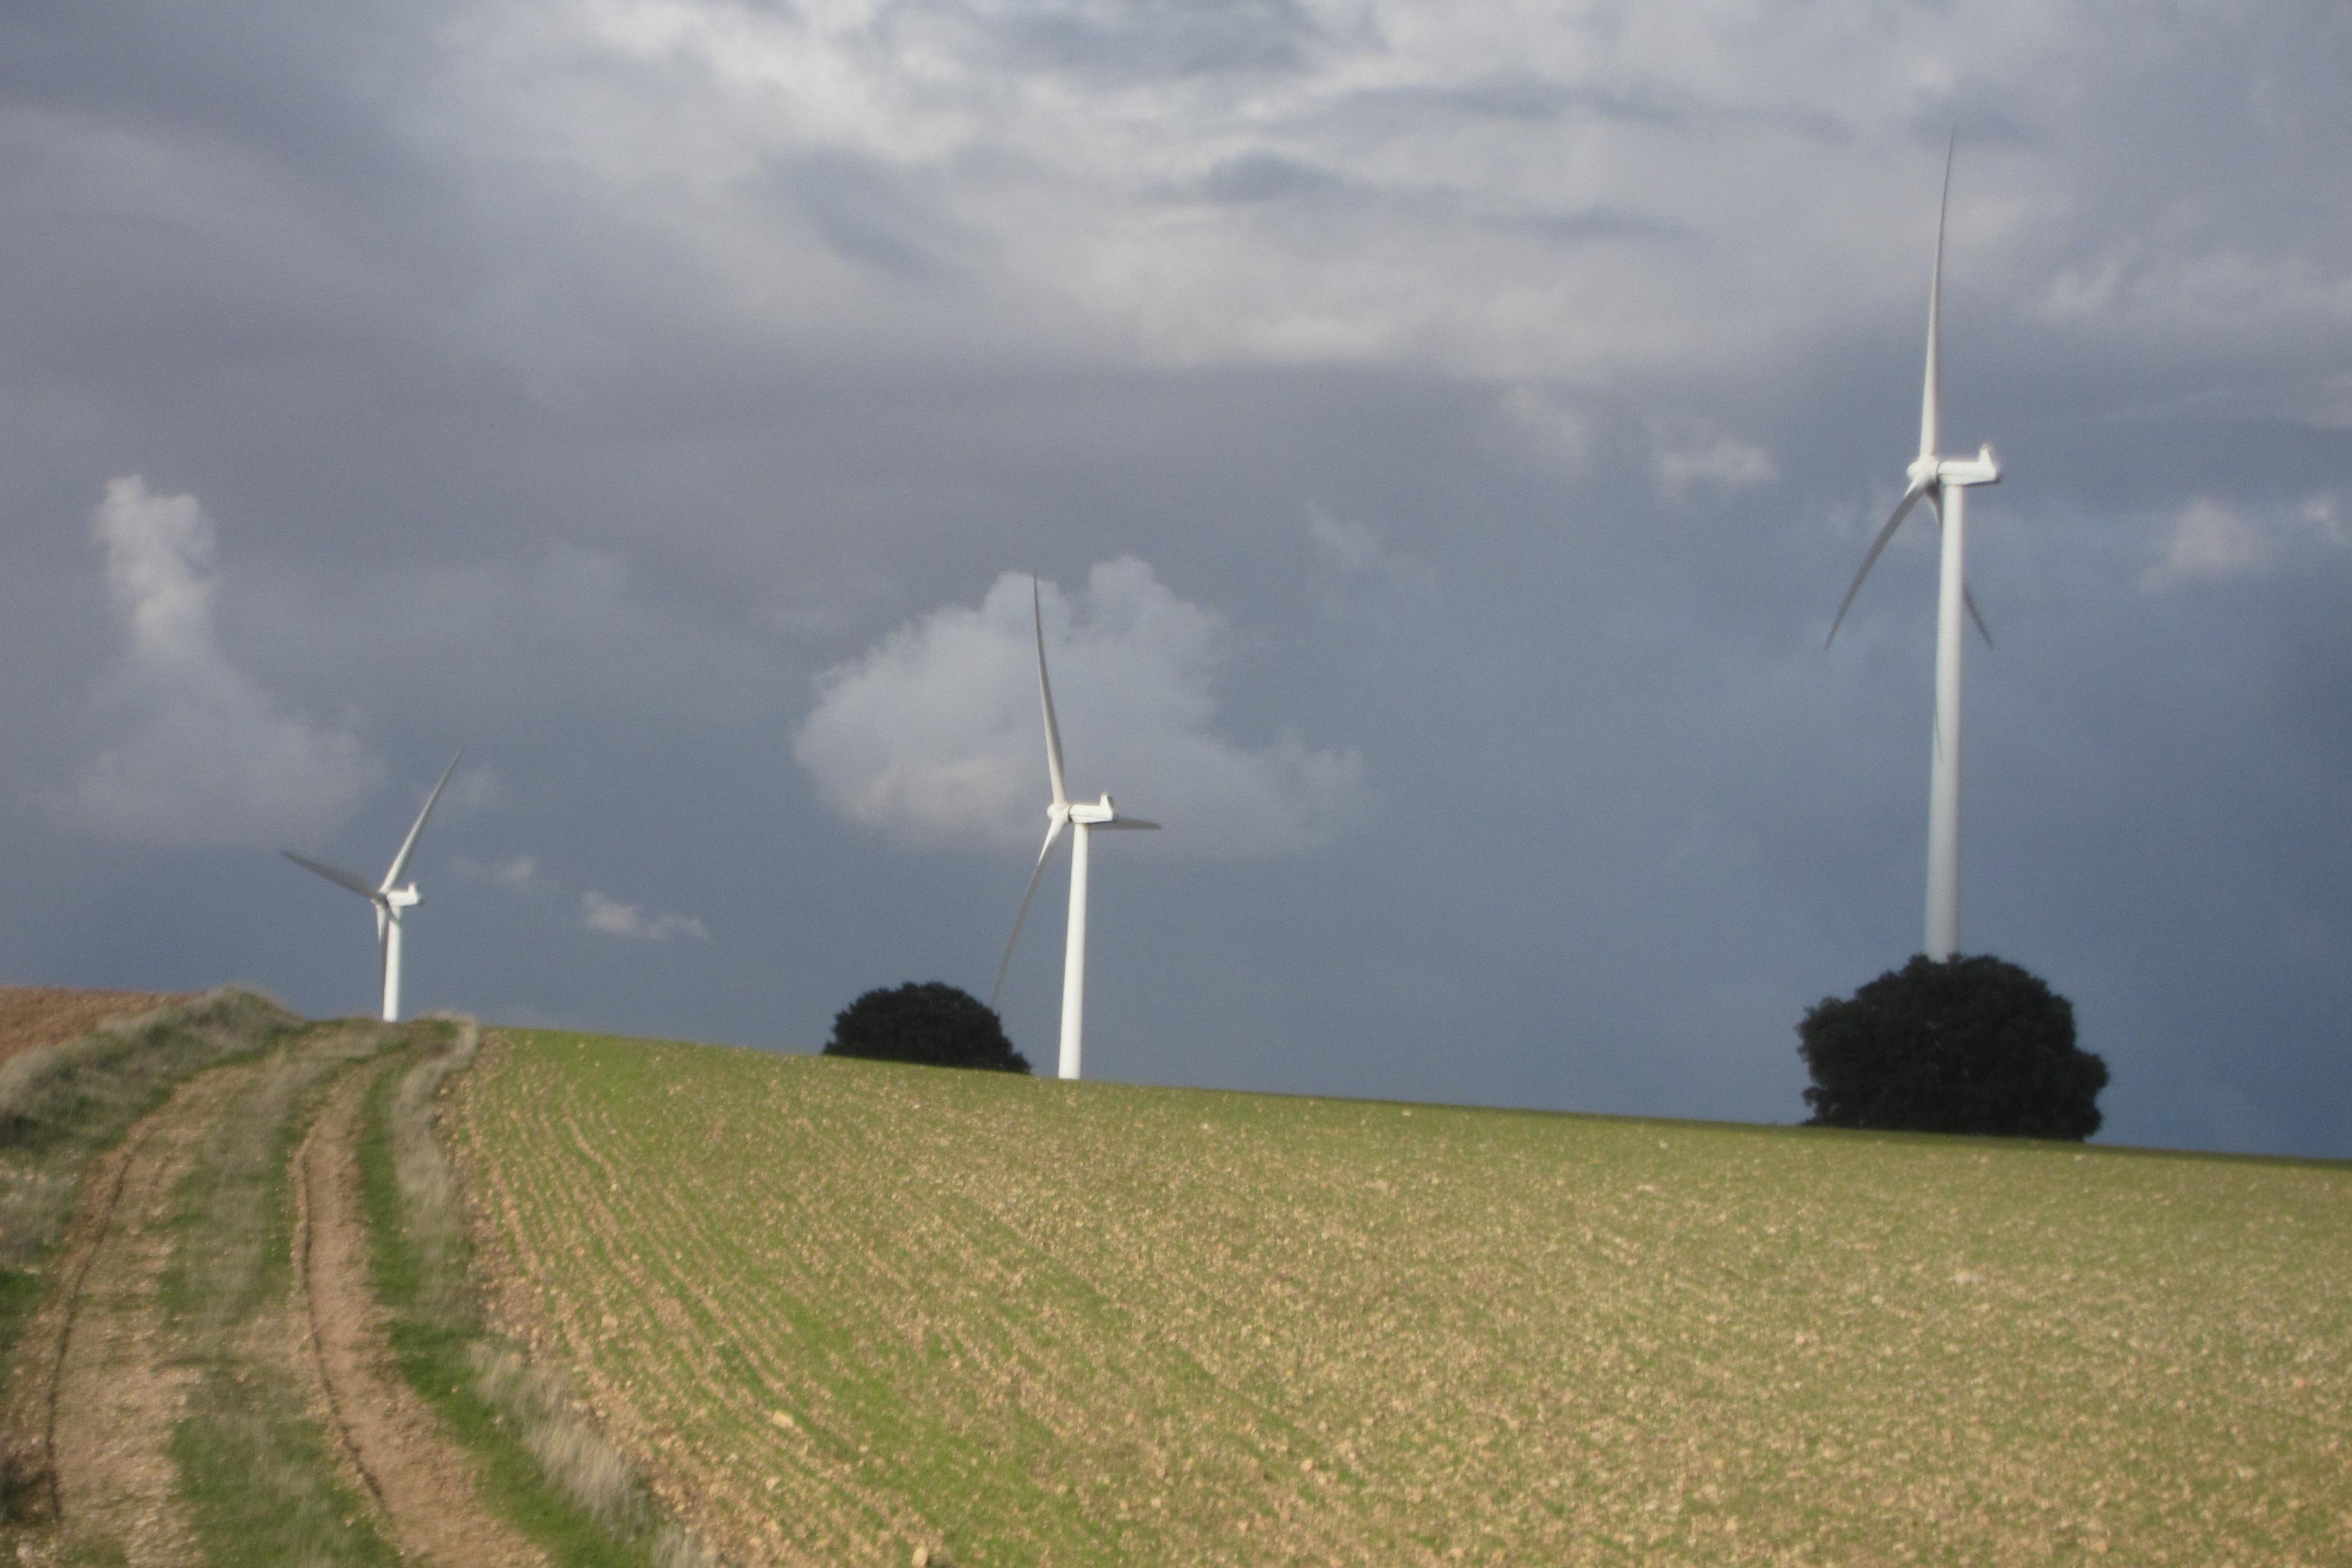 La Junta aprueba los proyectos de tres parques eólicos en las provincias de Cuenca y Albacete